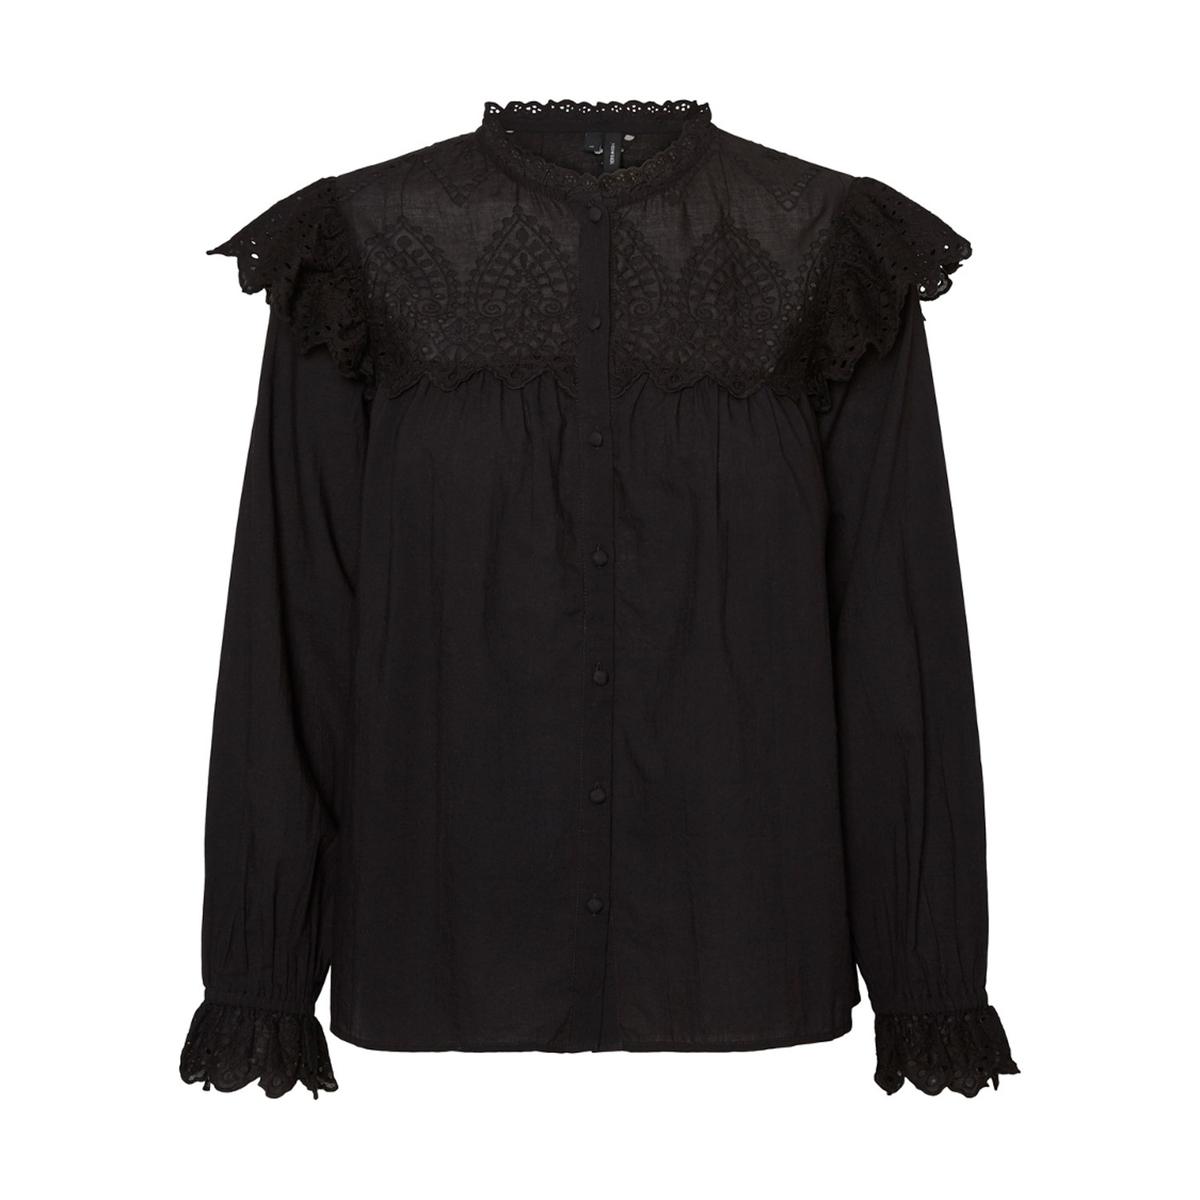 Блузка La Redoute С воротником-стойкой вышивкой и воланом L черный блузка la redoute с отложным воротником с вышивкой мес года 1 мес 54 см красный